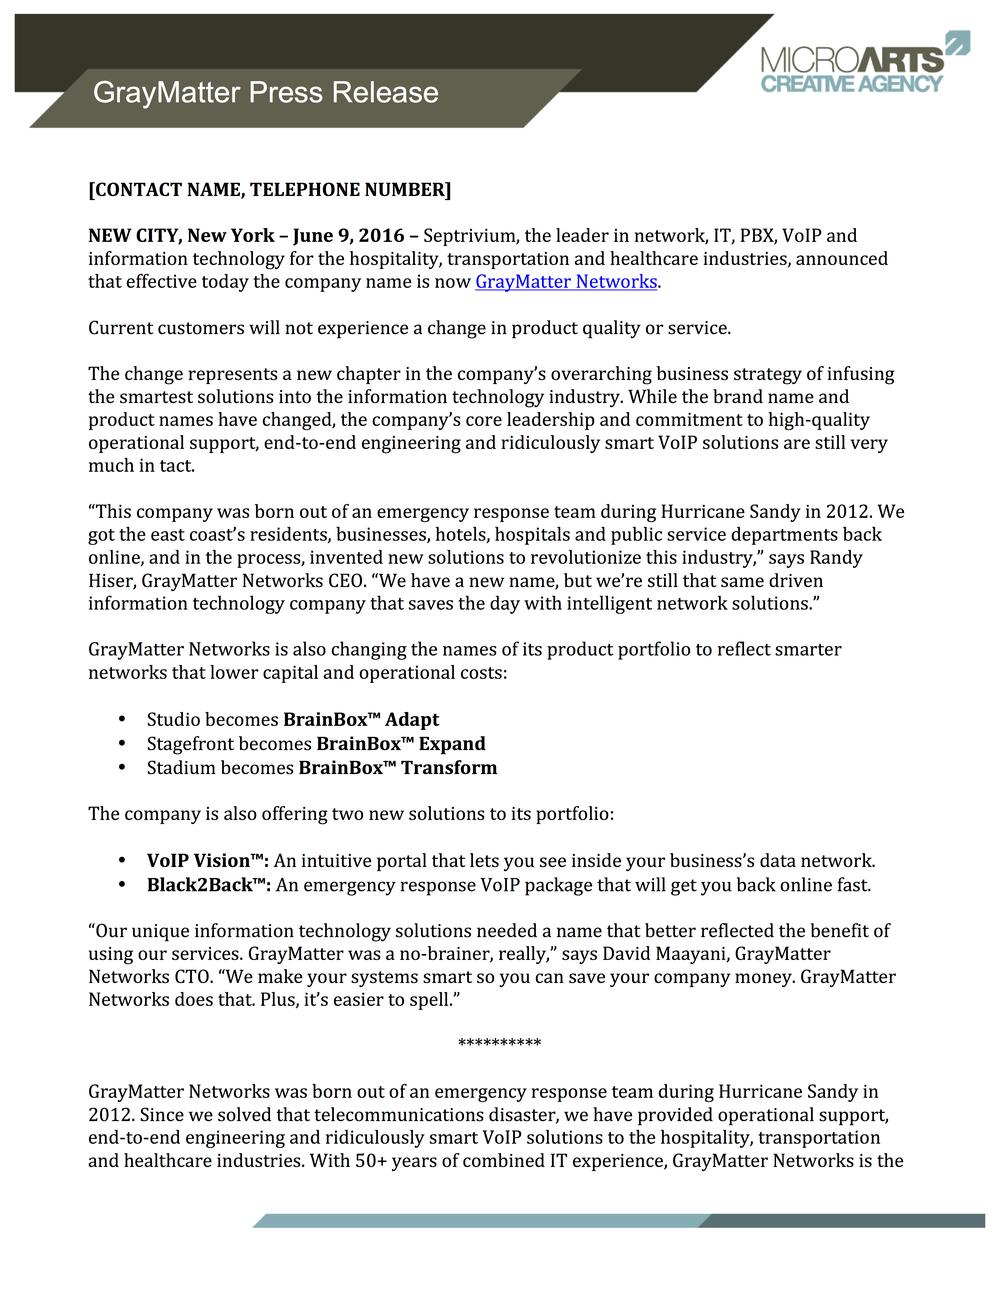 Wrote press release.